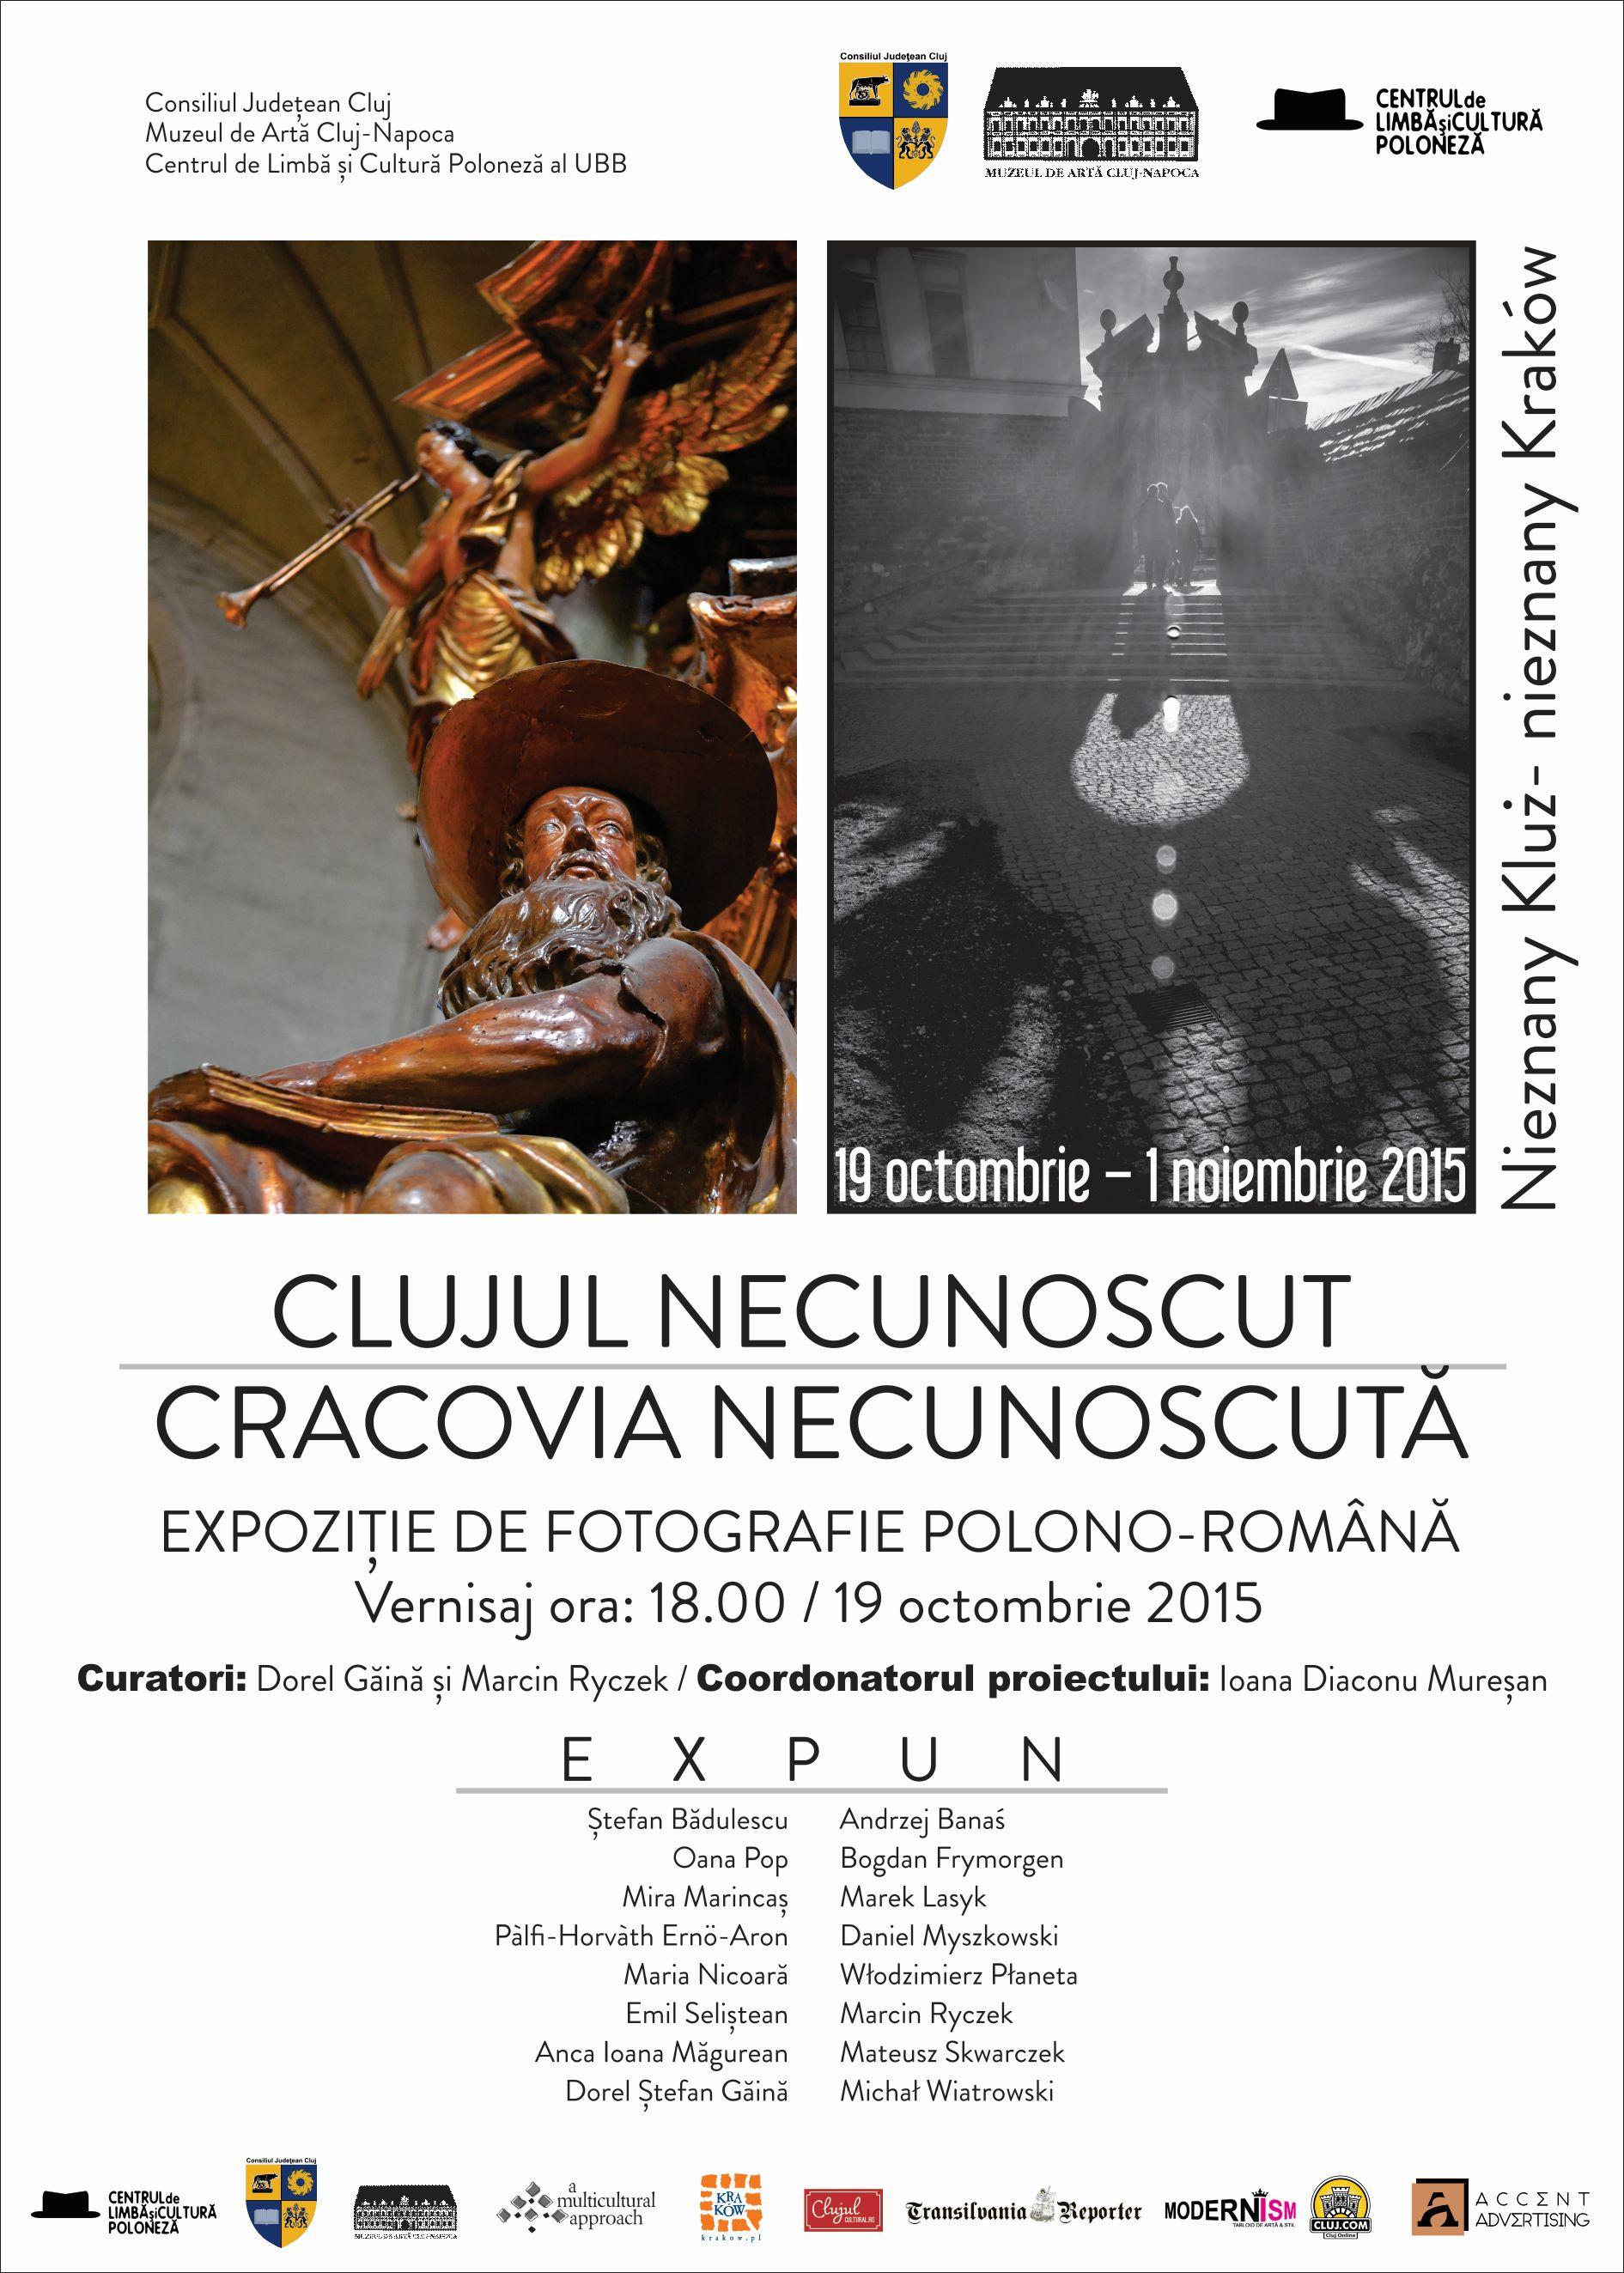 Clujul necunoscut – Cracovia necunoscută @ Muzeul de Artă Cluj-Napoca